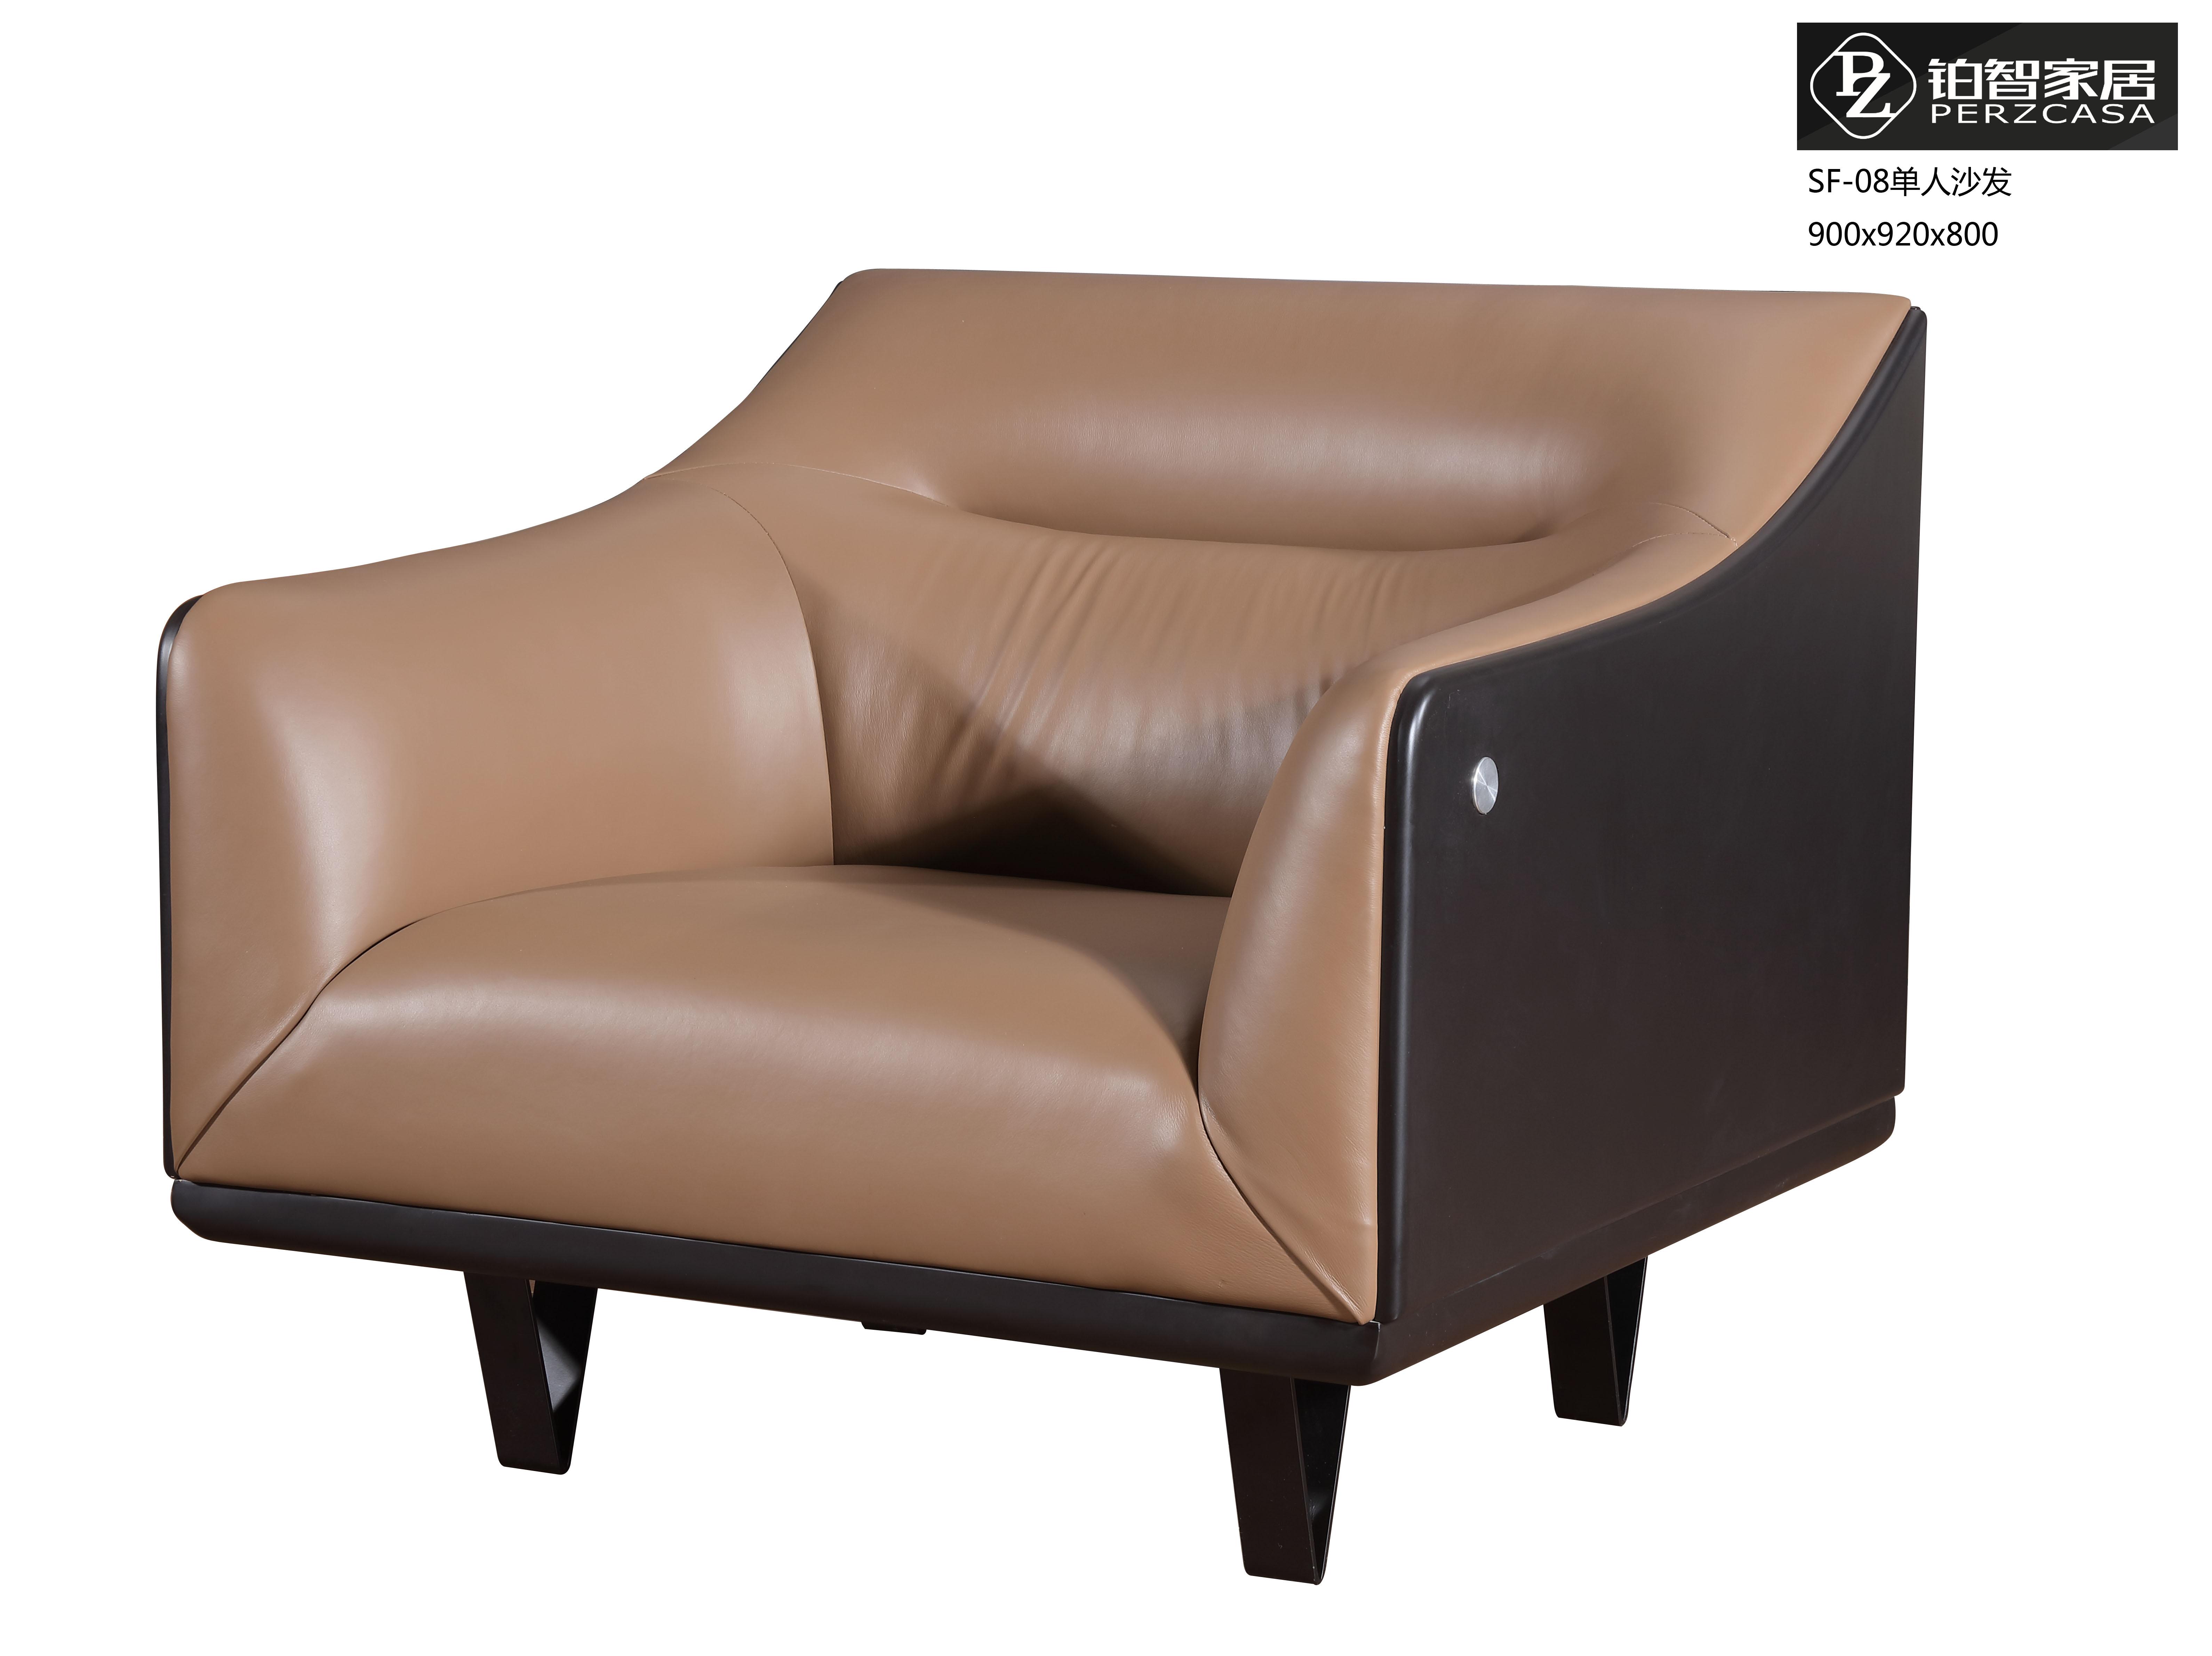 欧式现代休闲椅简约_曼洛尼